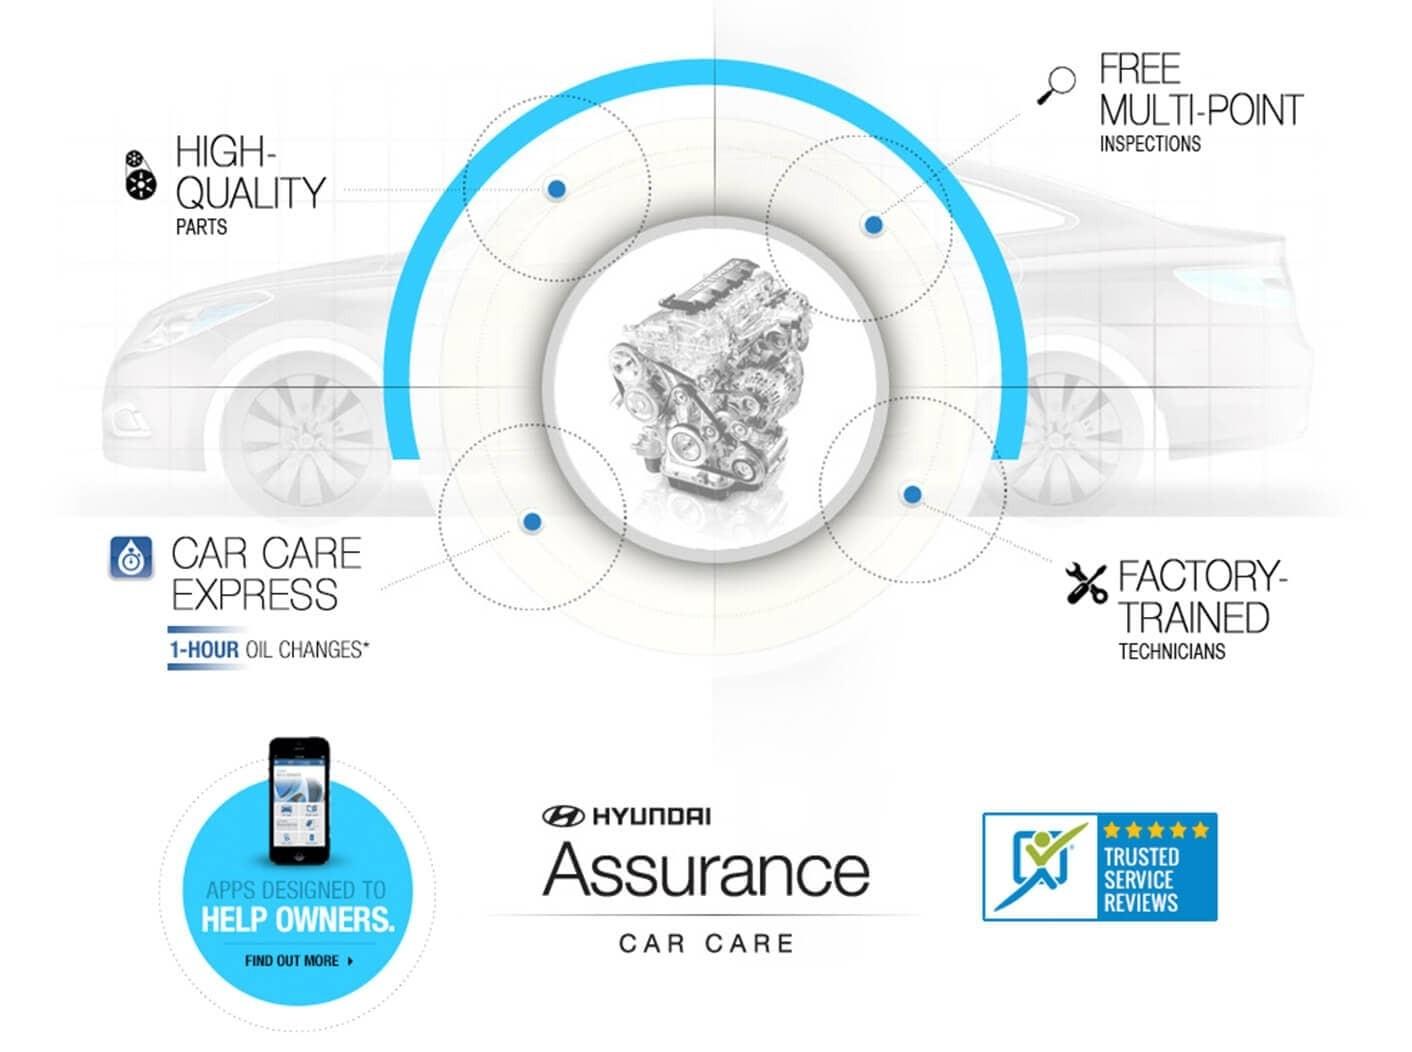 Hyundai Assurance Oc Hyundai Dealers